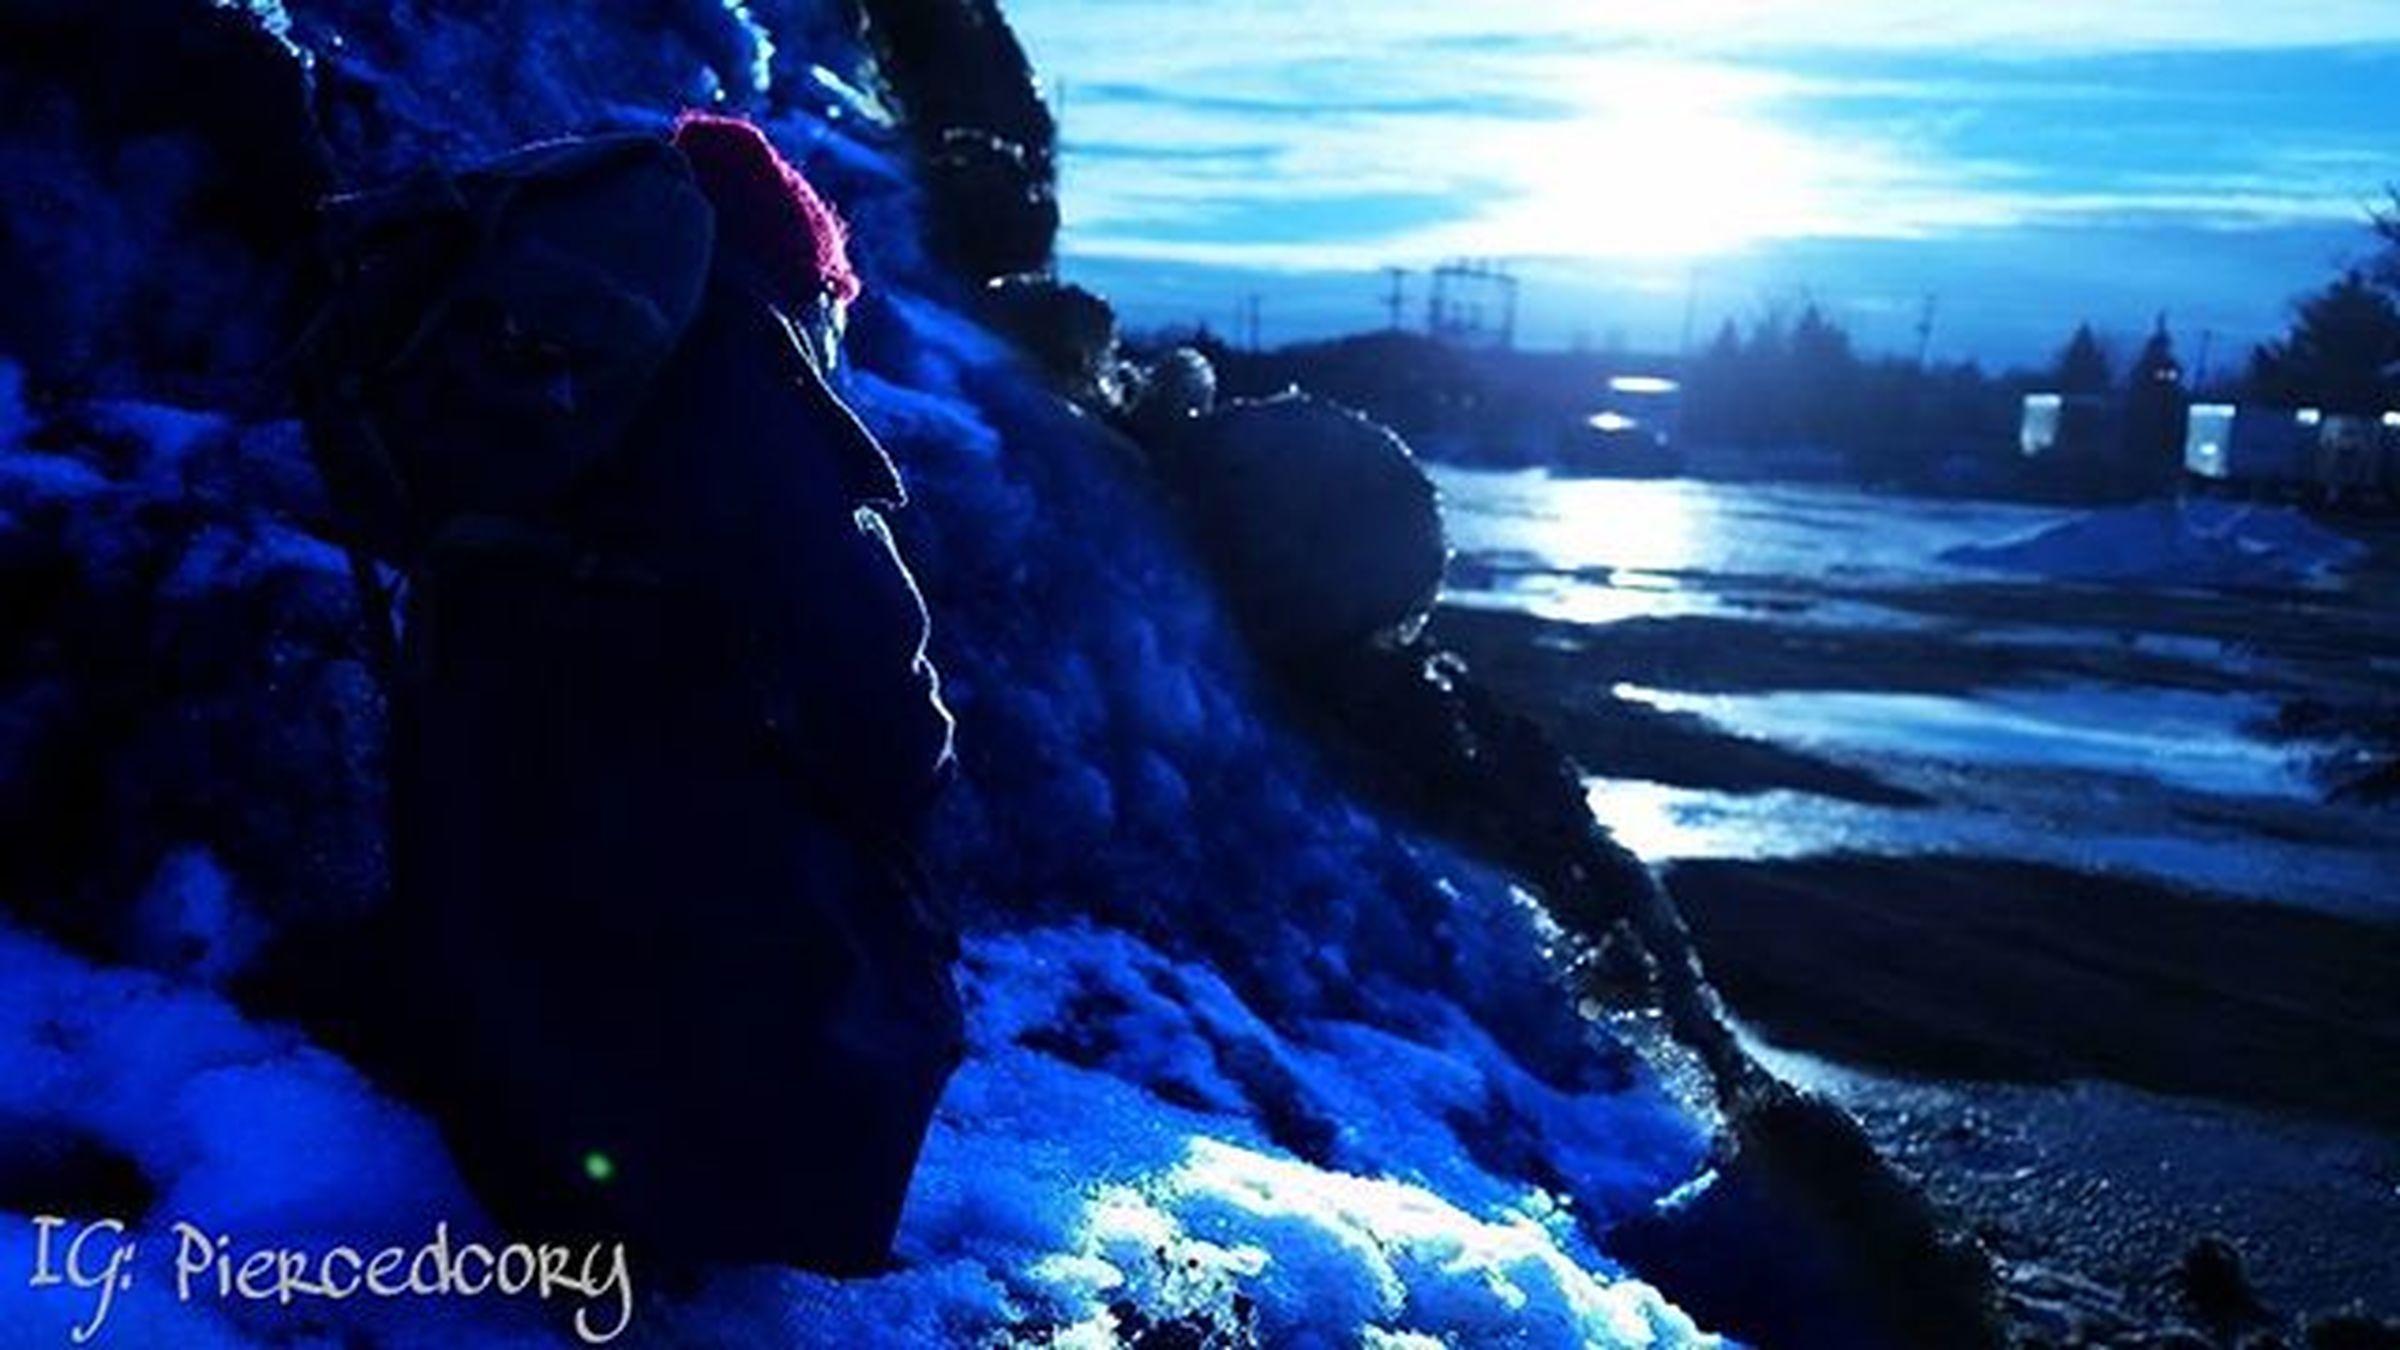 Smeagols travels. • ● Tcb_hikarurayearth Tga_headshot